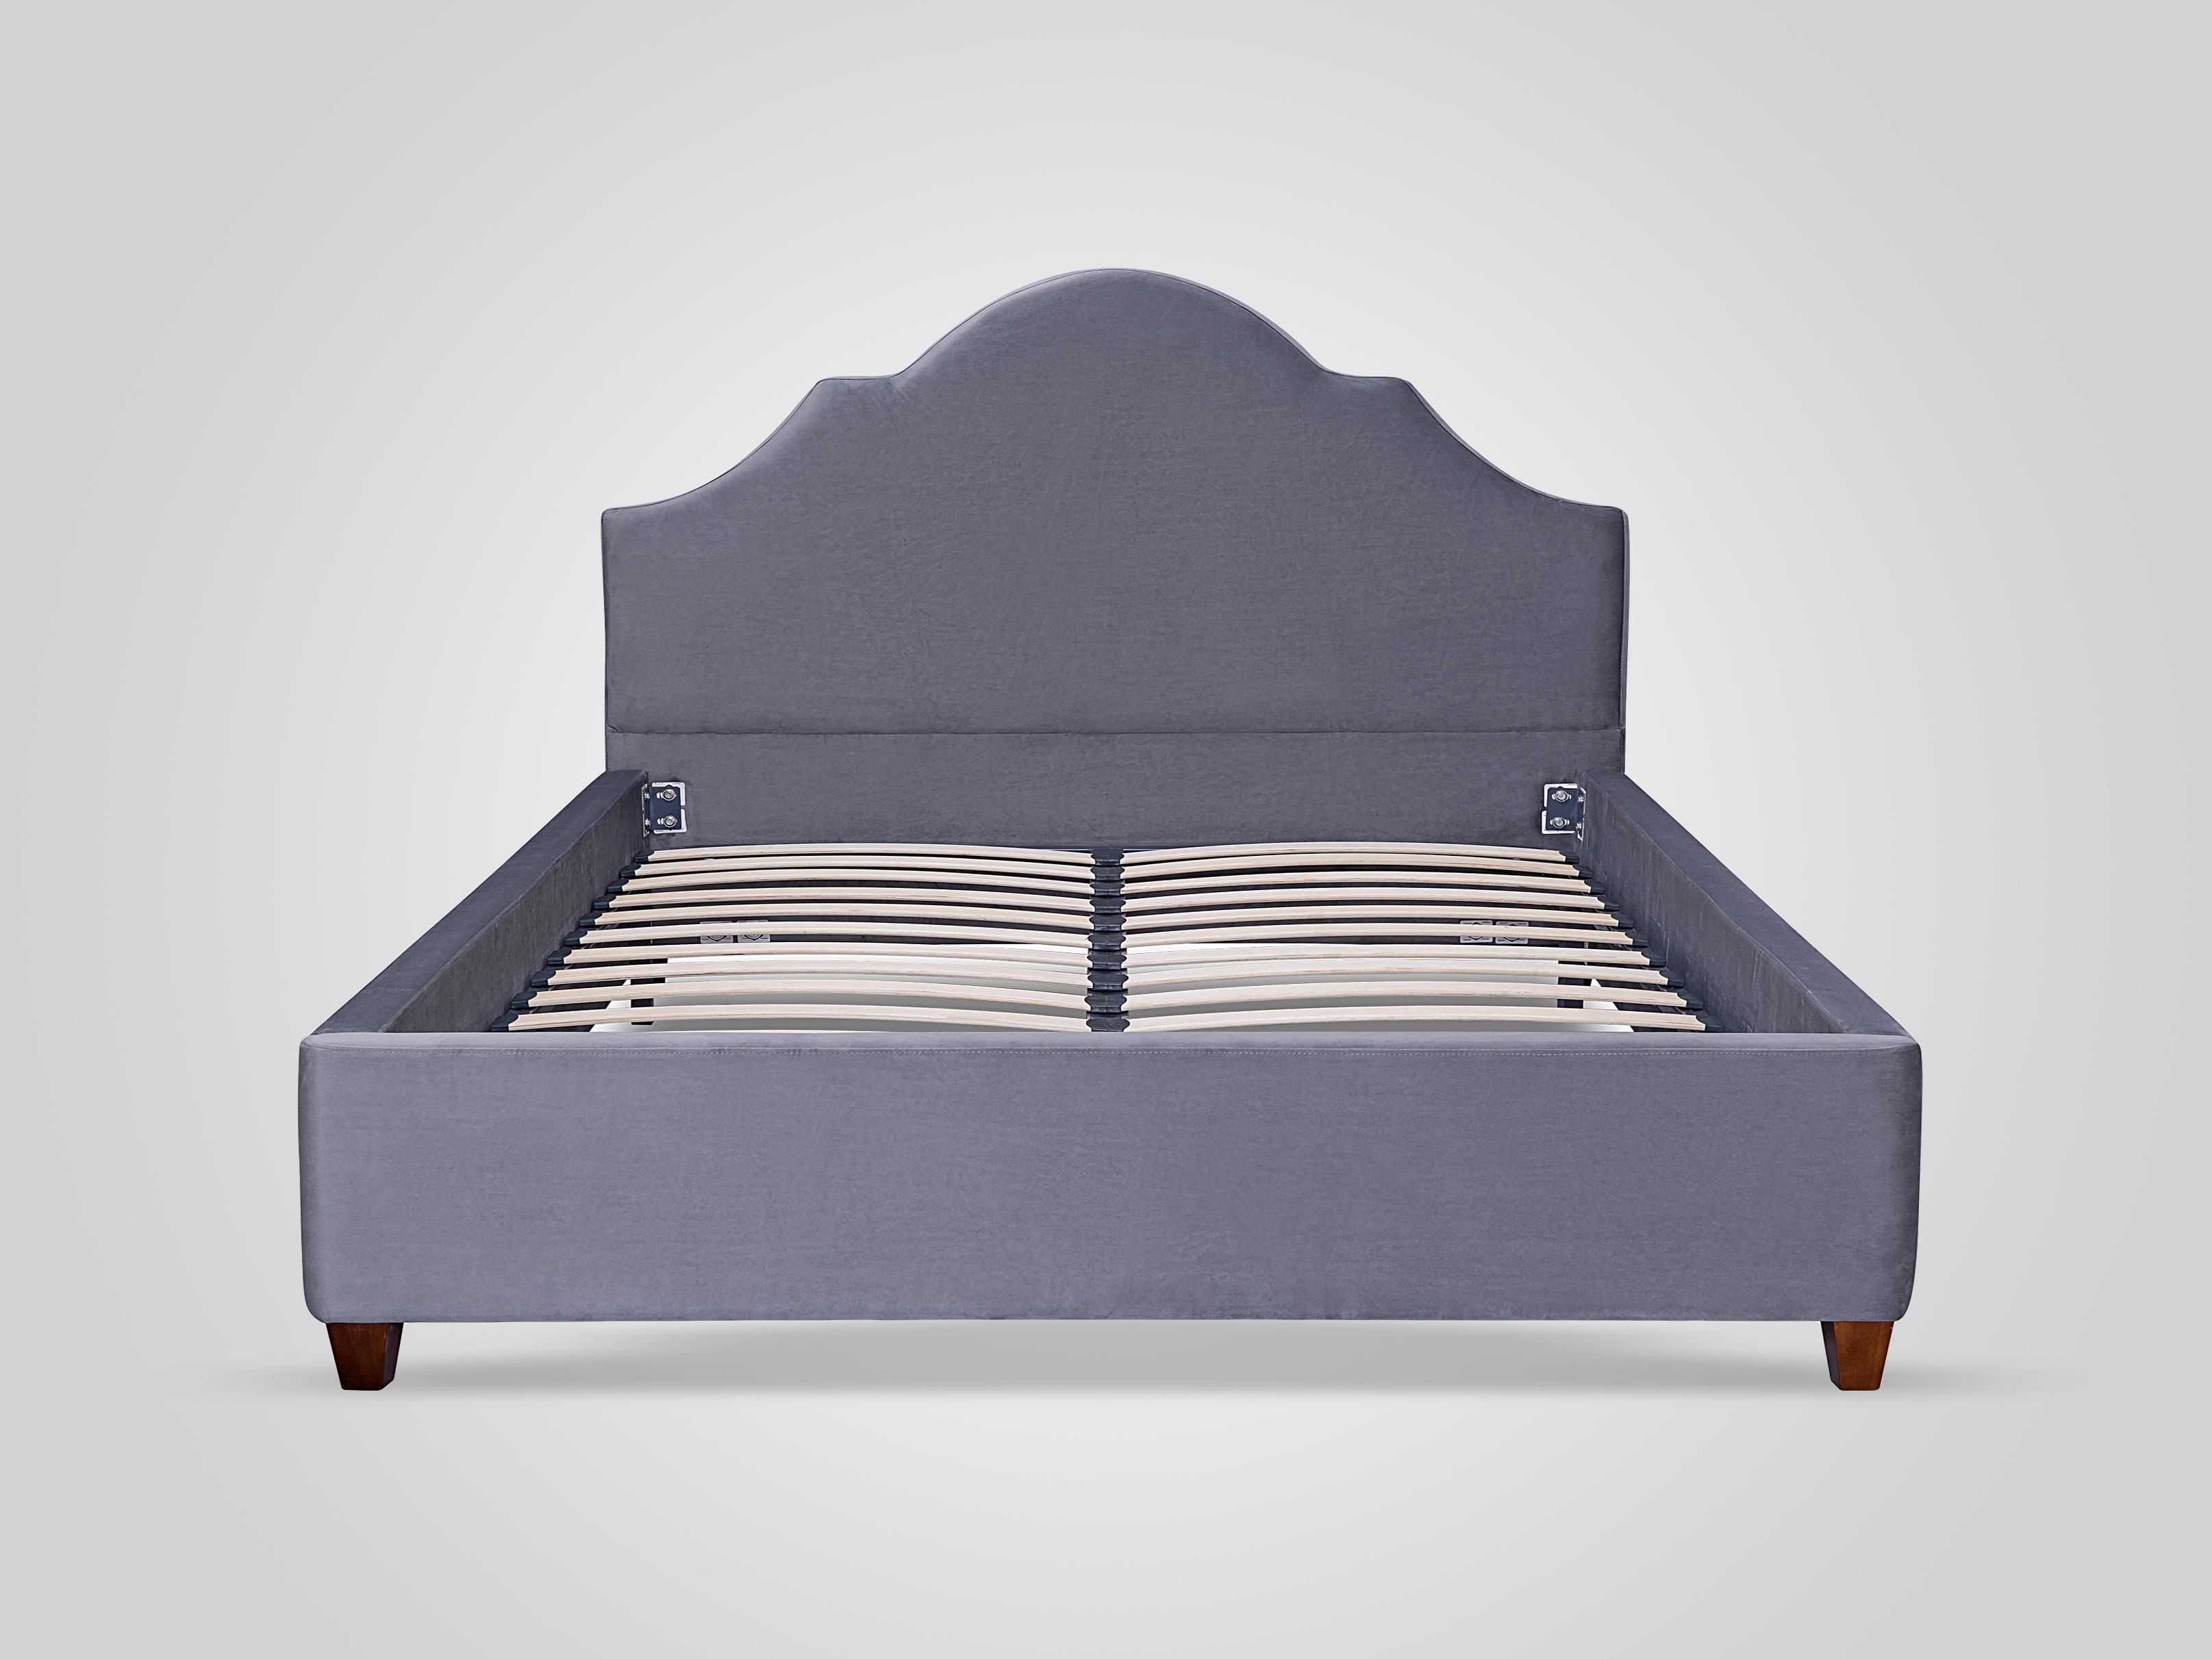 Кровать с обивкой из велюра серого цвета 140x200